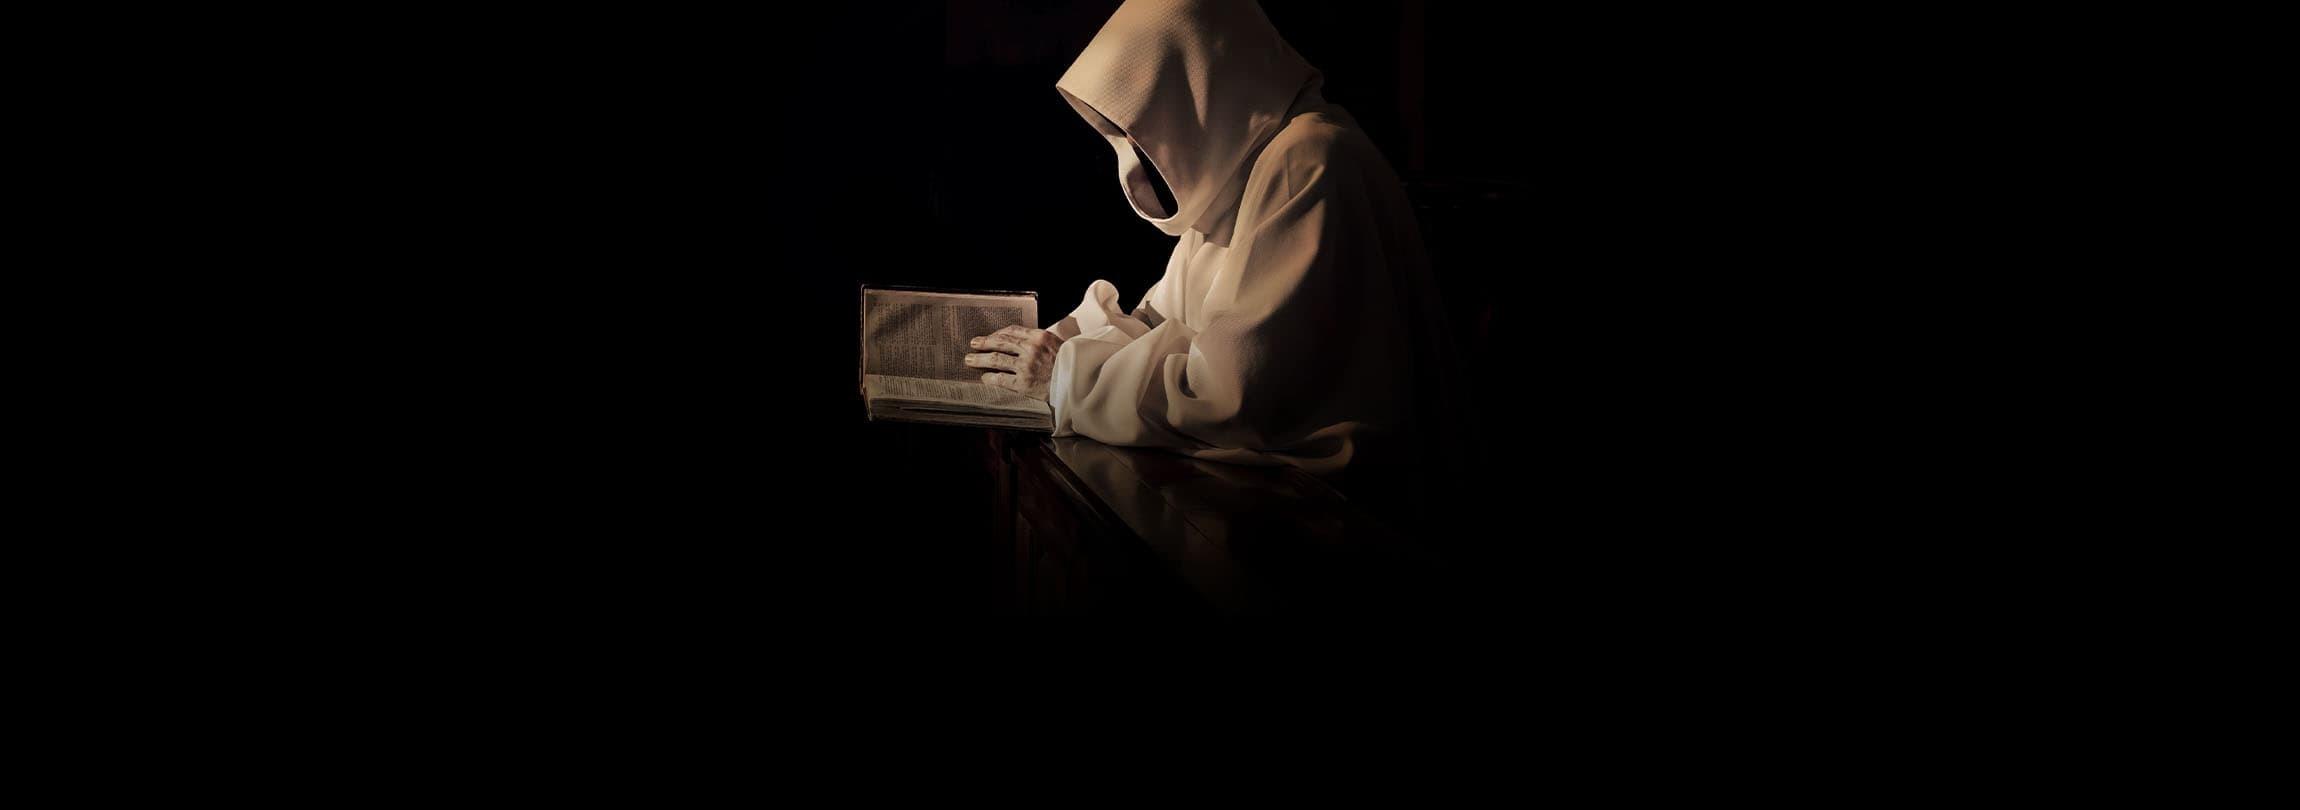 Sem mosteiros e oração contemplativa, a Igreja morrerá